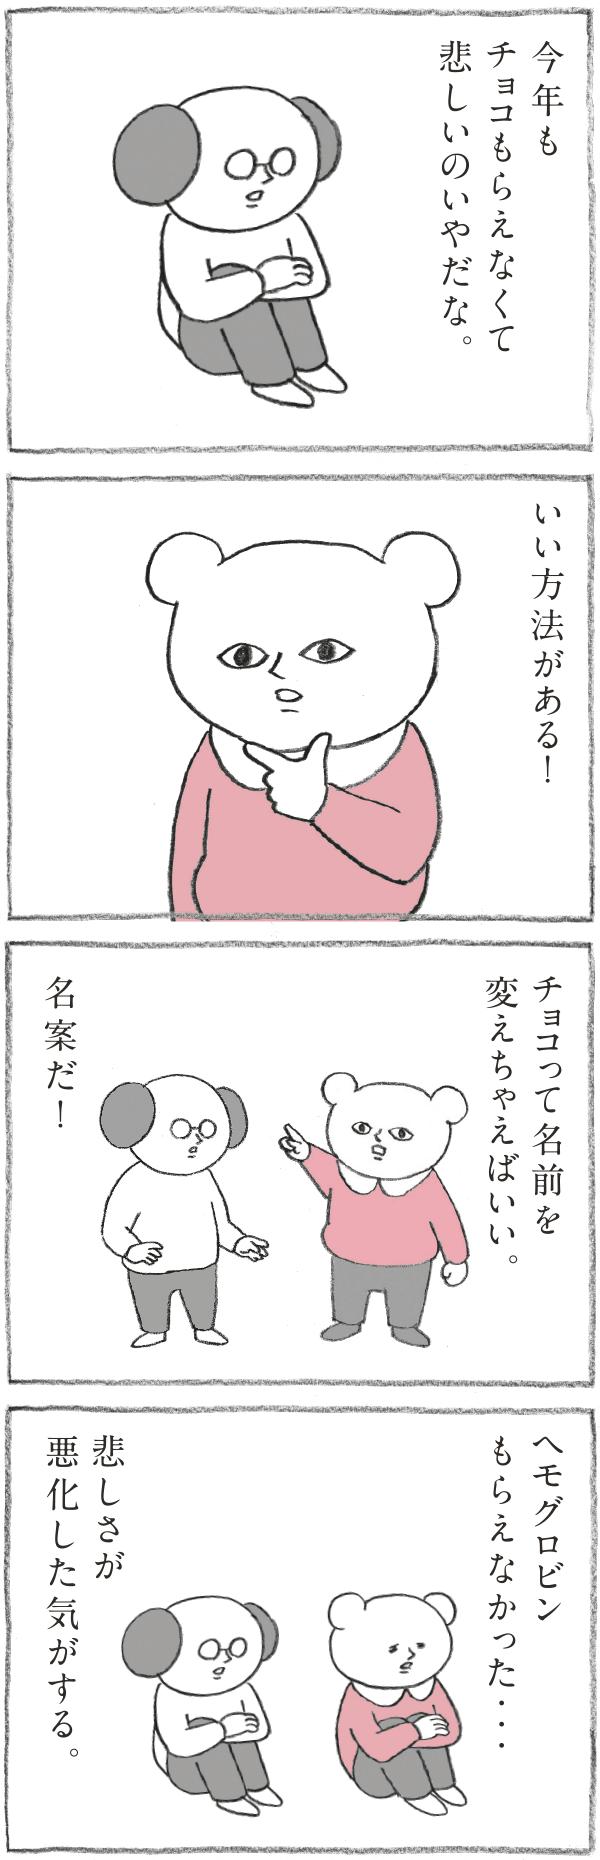 hn1168-okawari